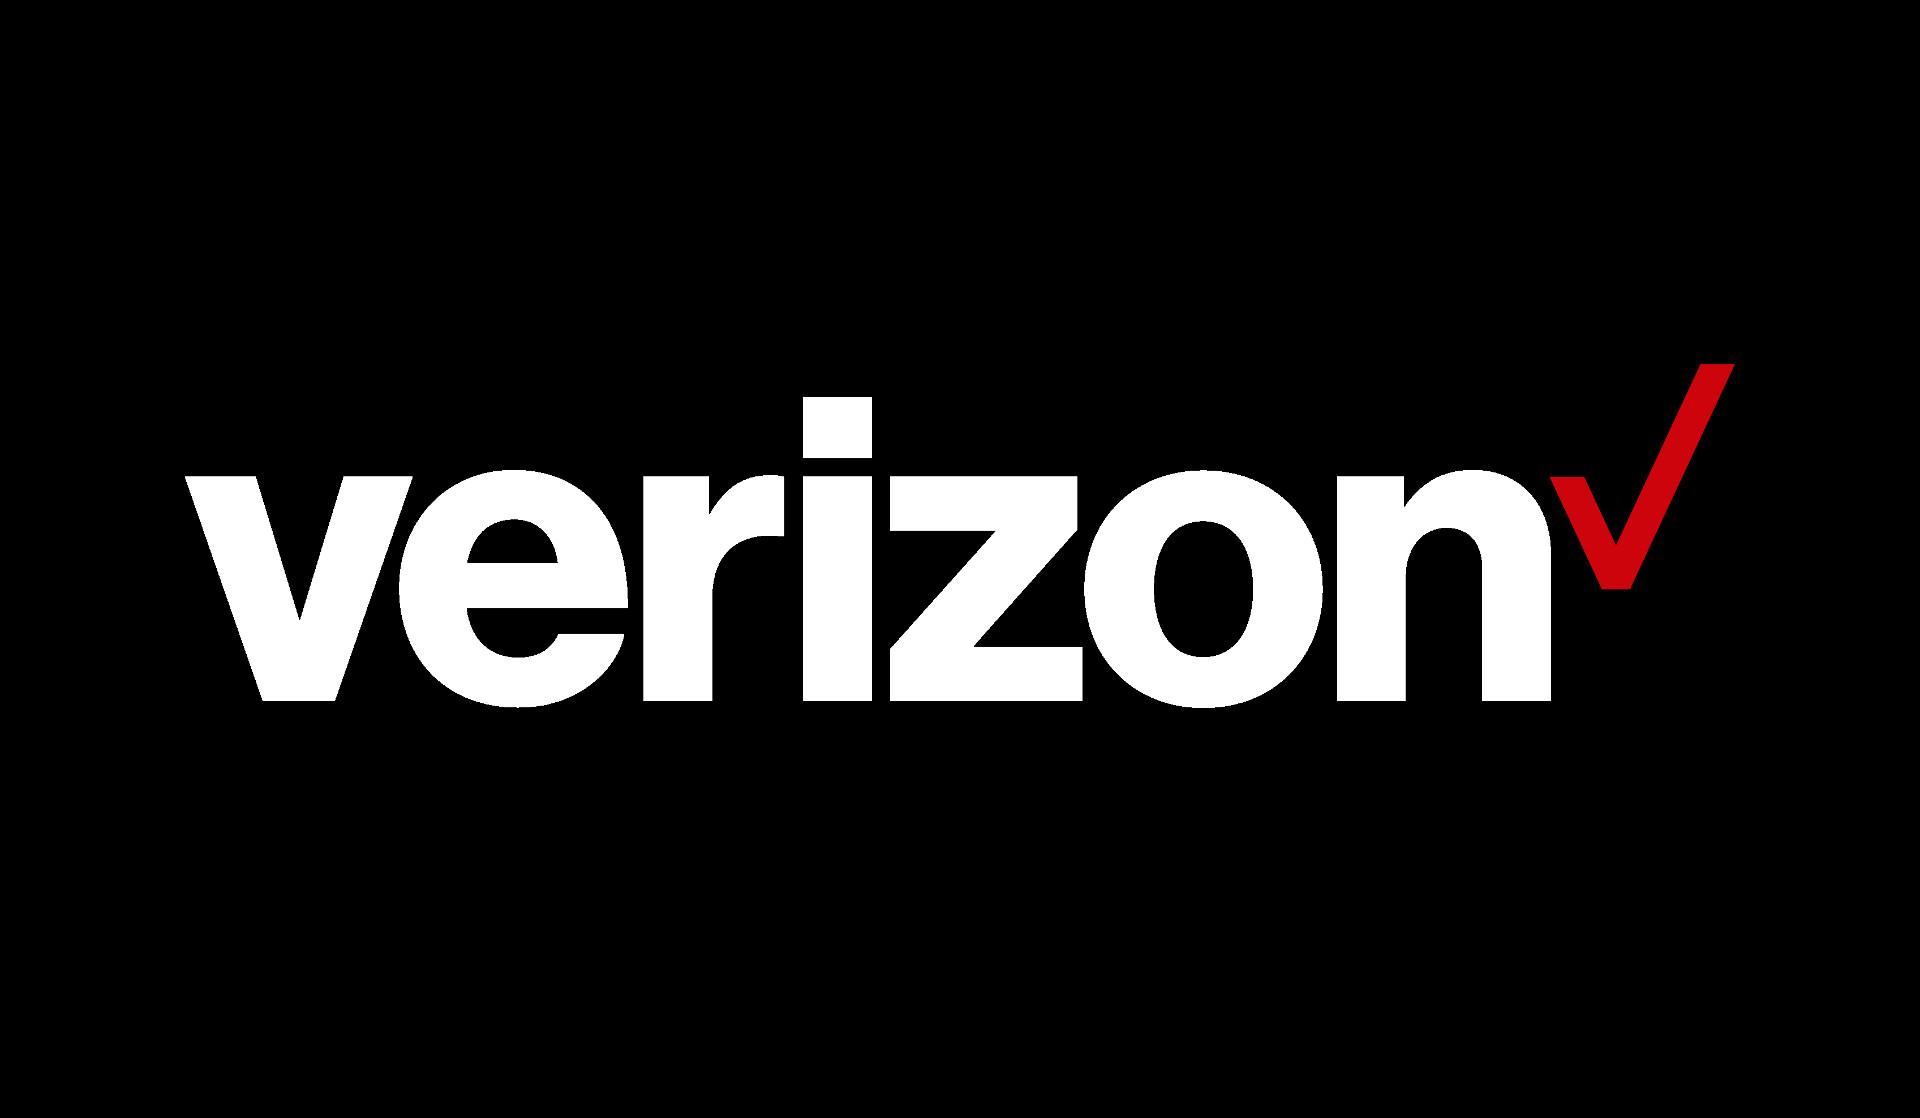 Квартальная прибыль Verizon снизилась более чем на 5%